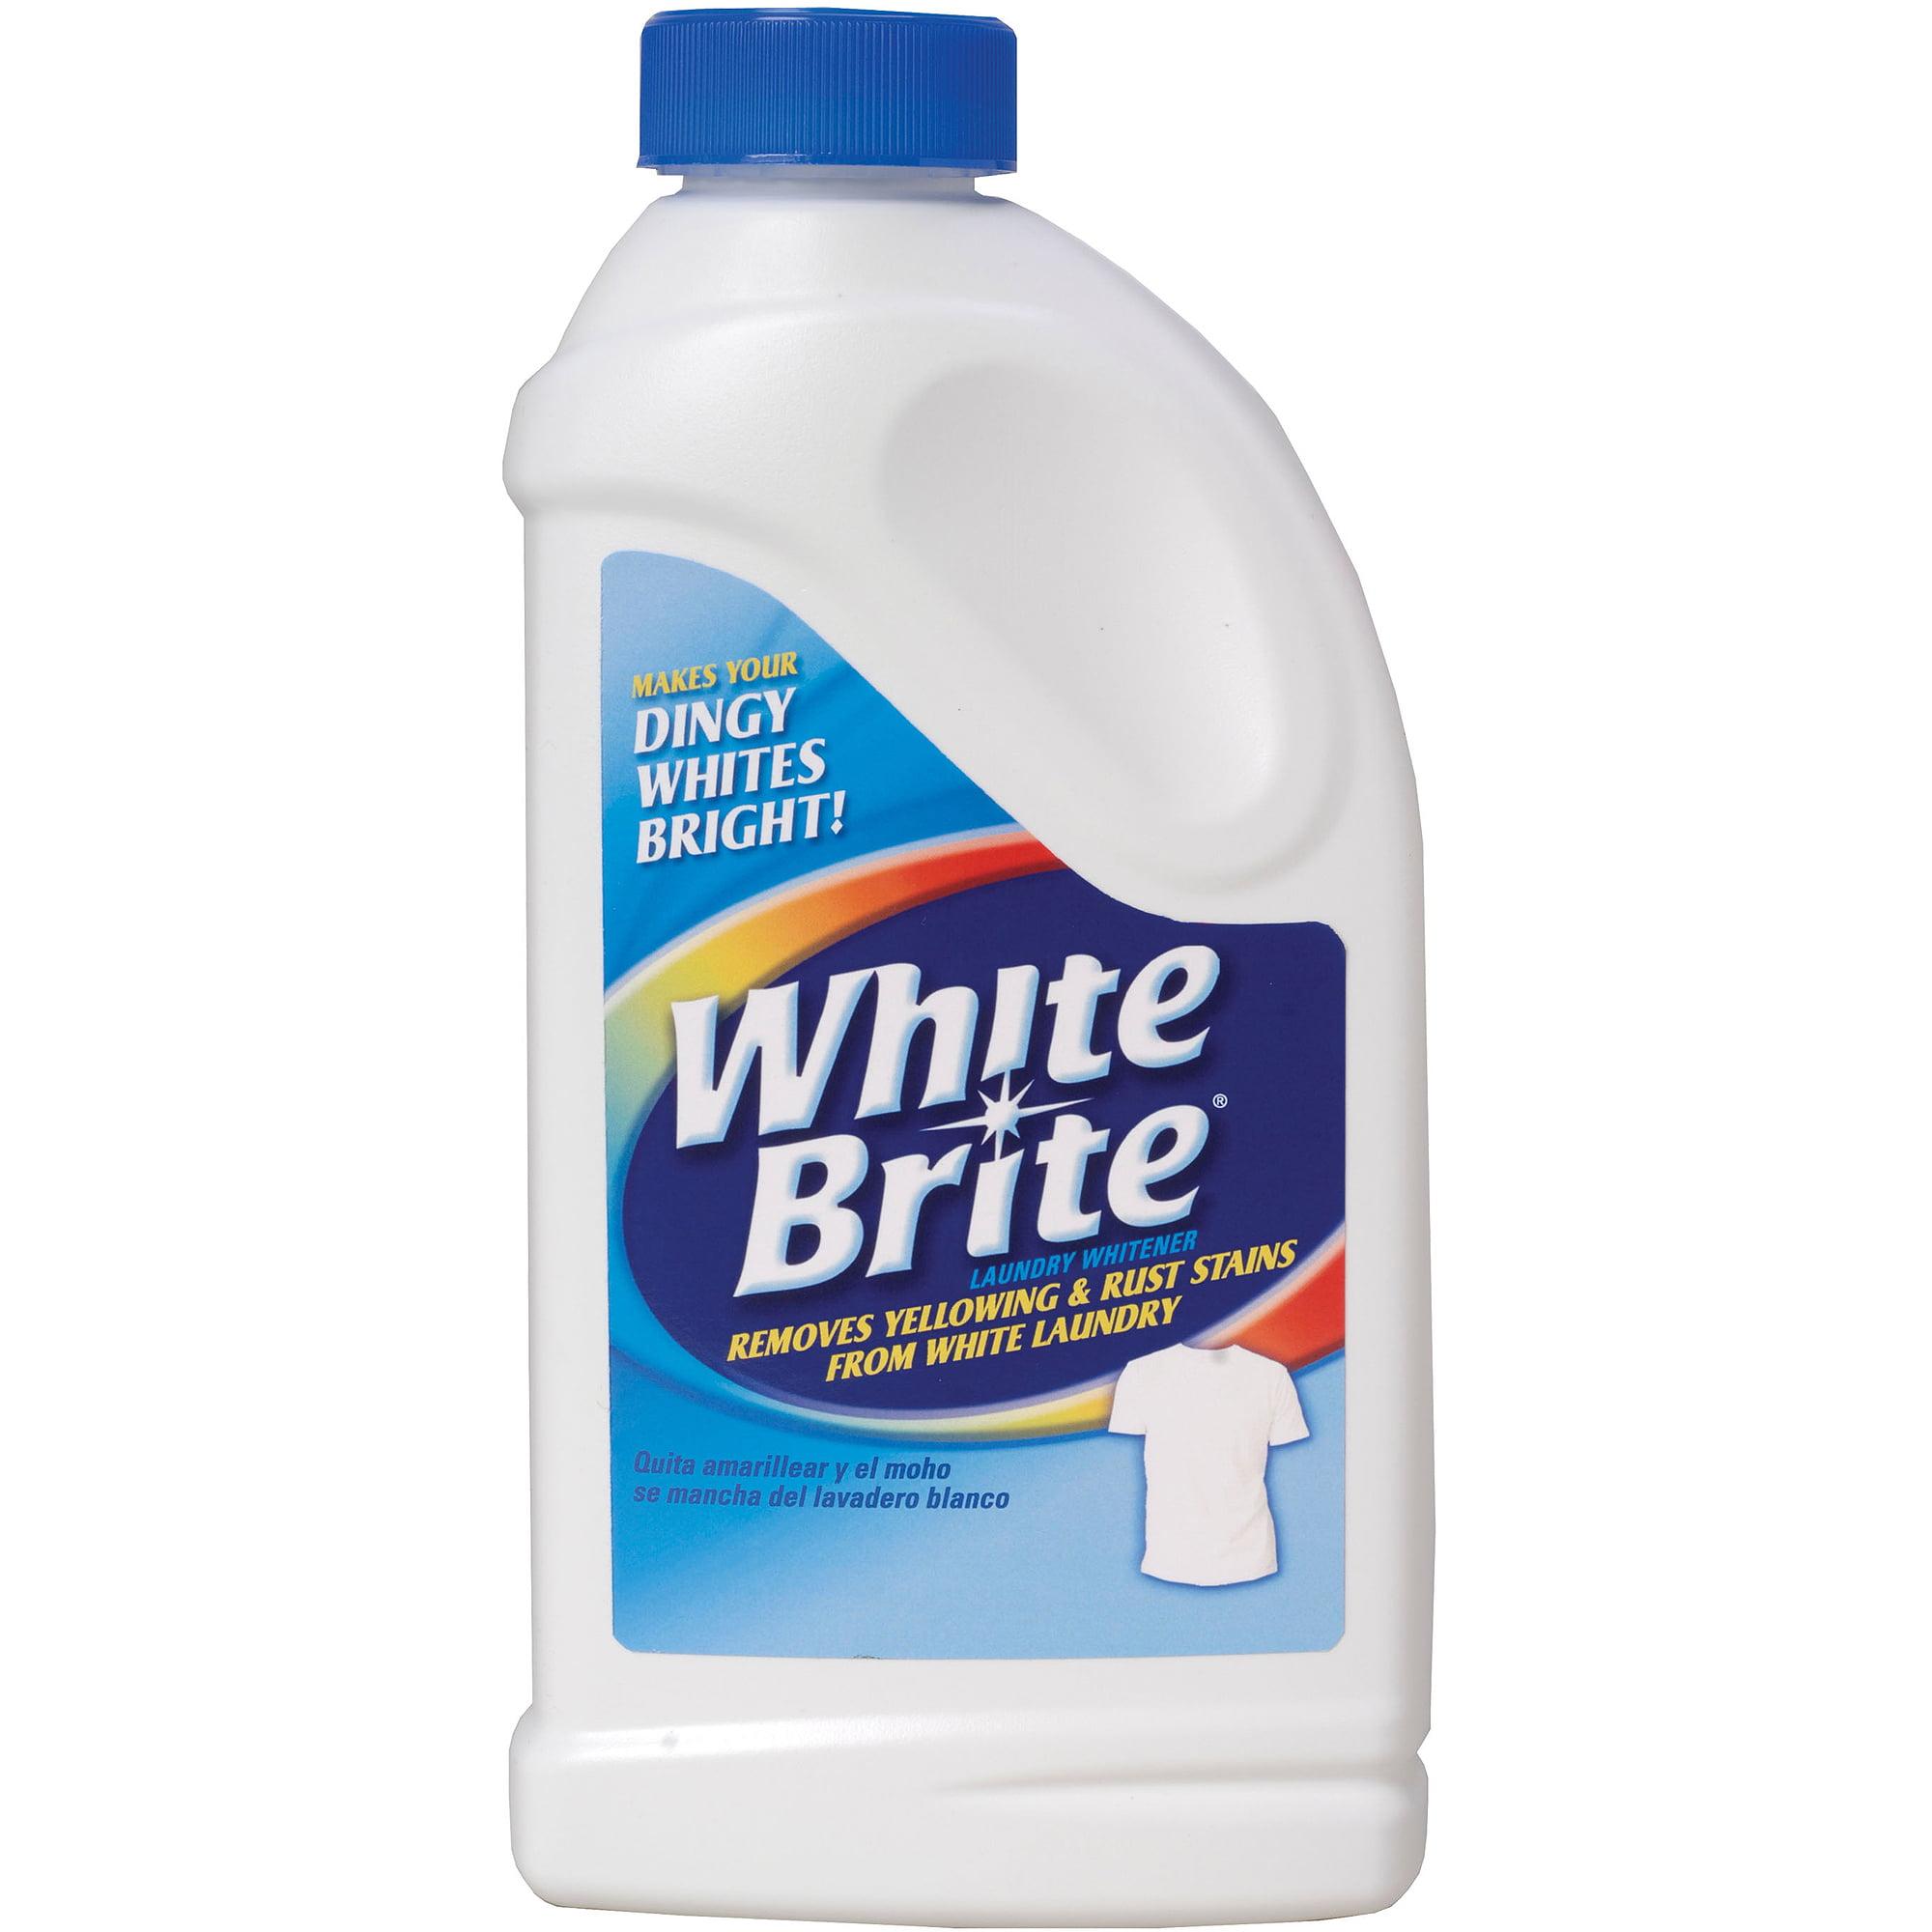 White Brite Laundry Whitener, 30 oz